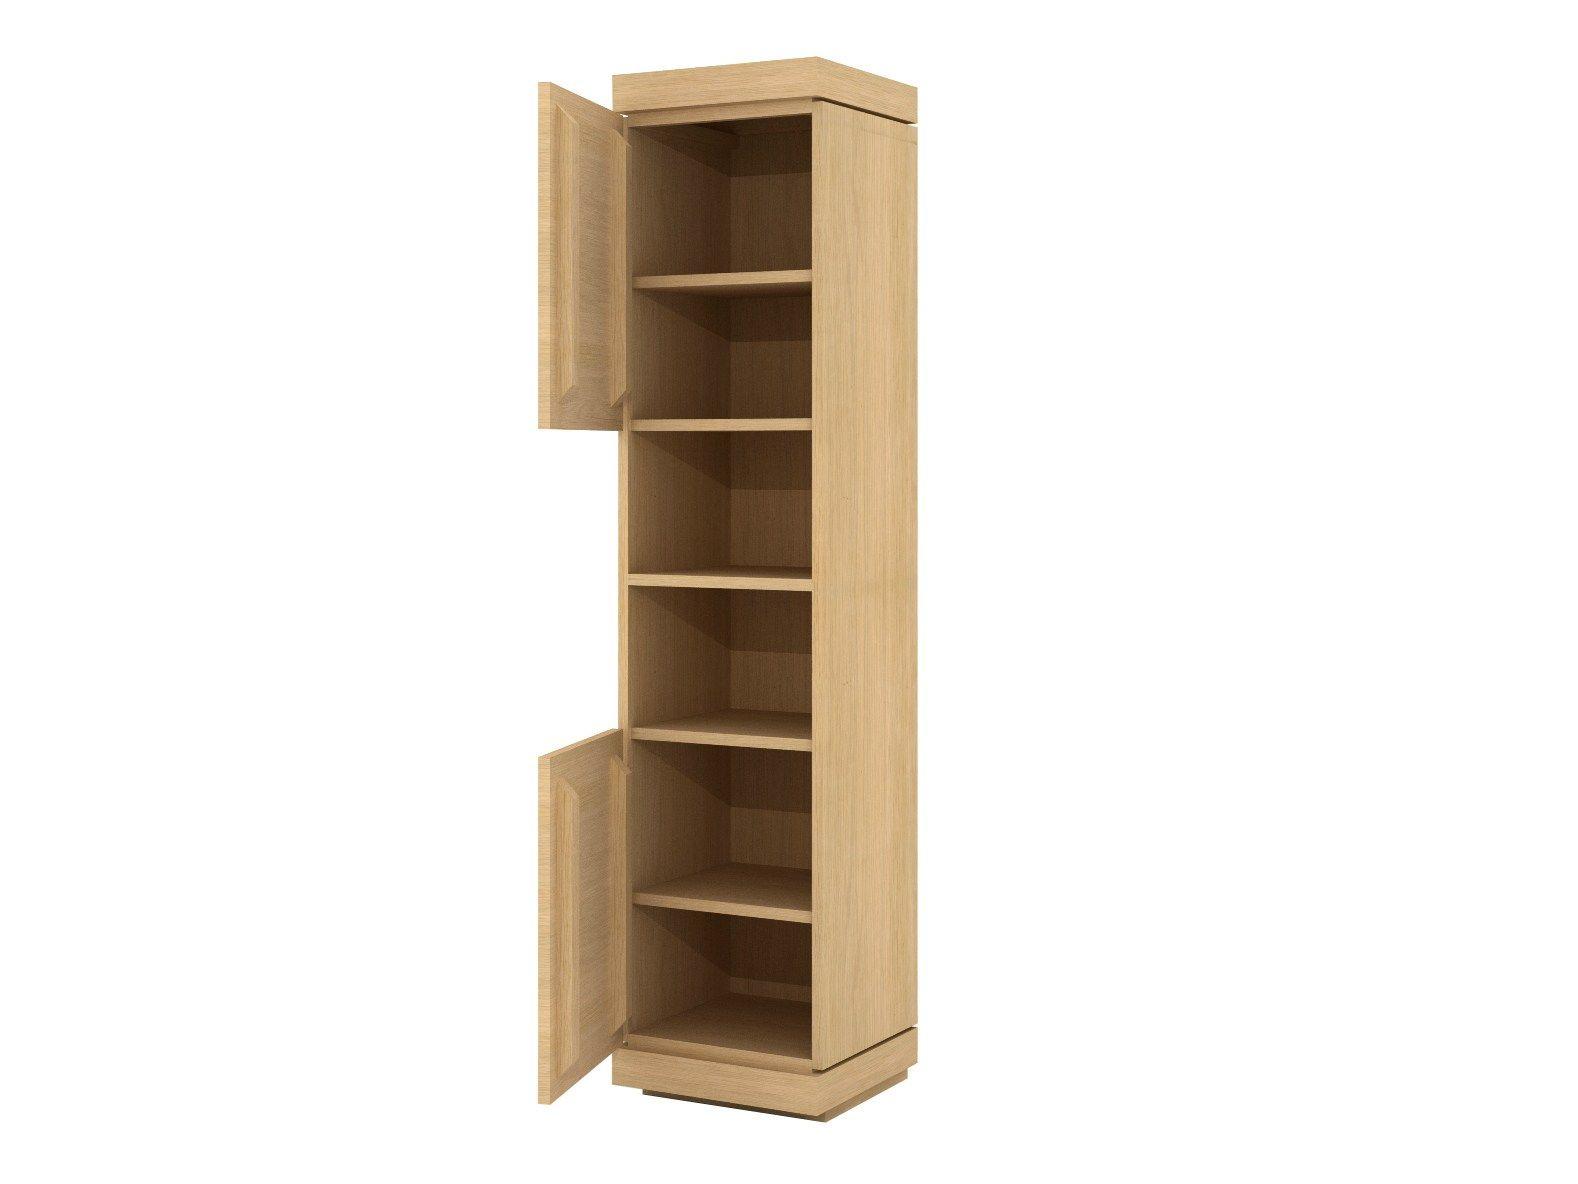 Oak cadence meuble pour salle de bain by ethnicraft for Porte pour meuble salle de bain